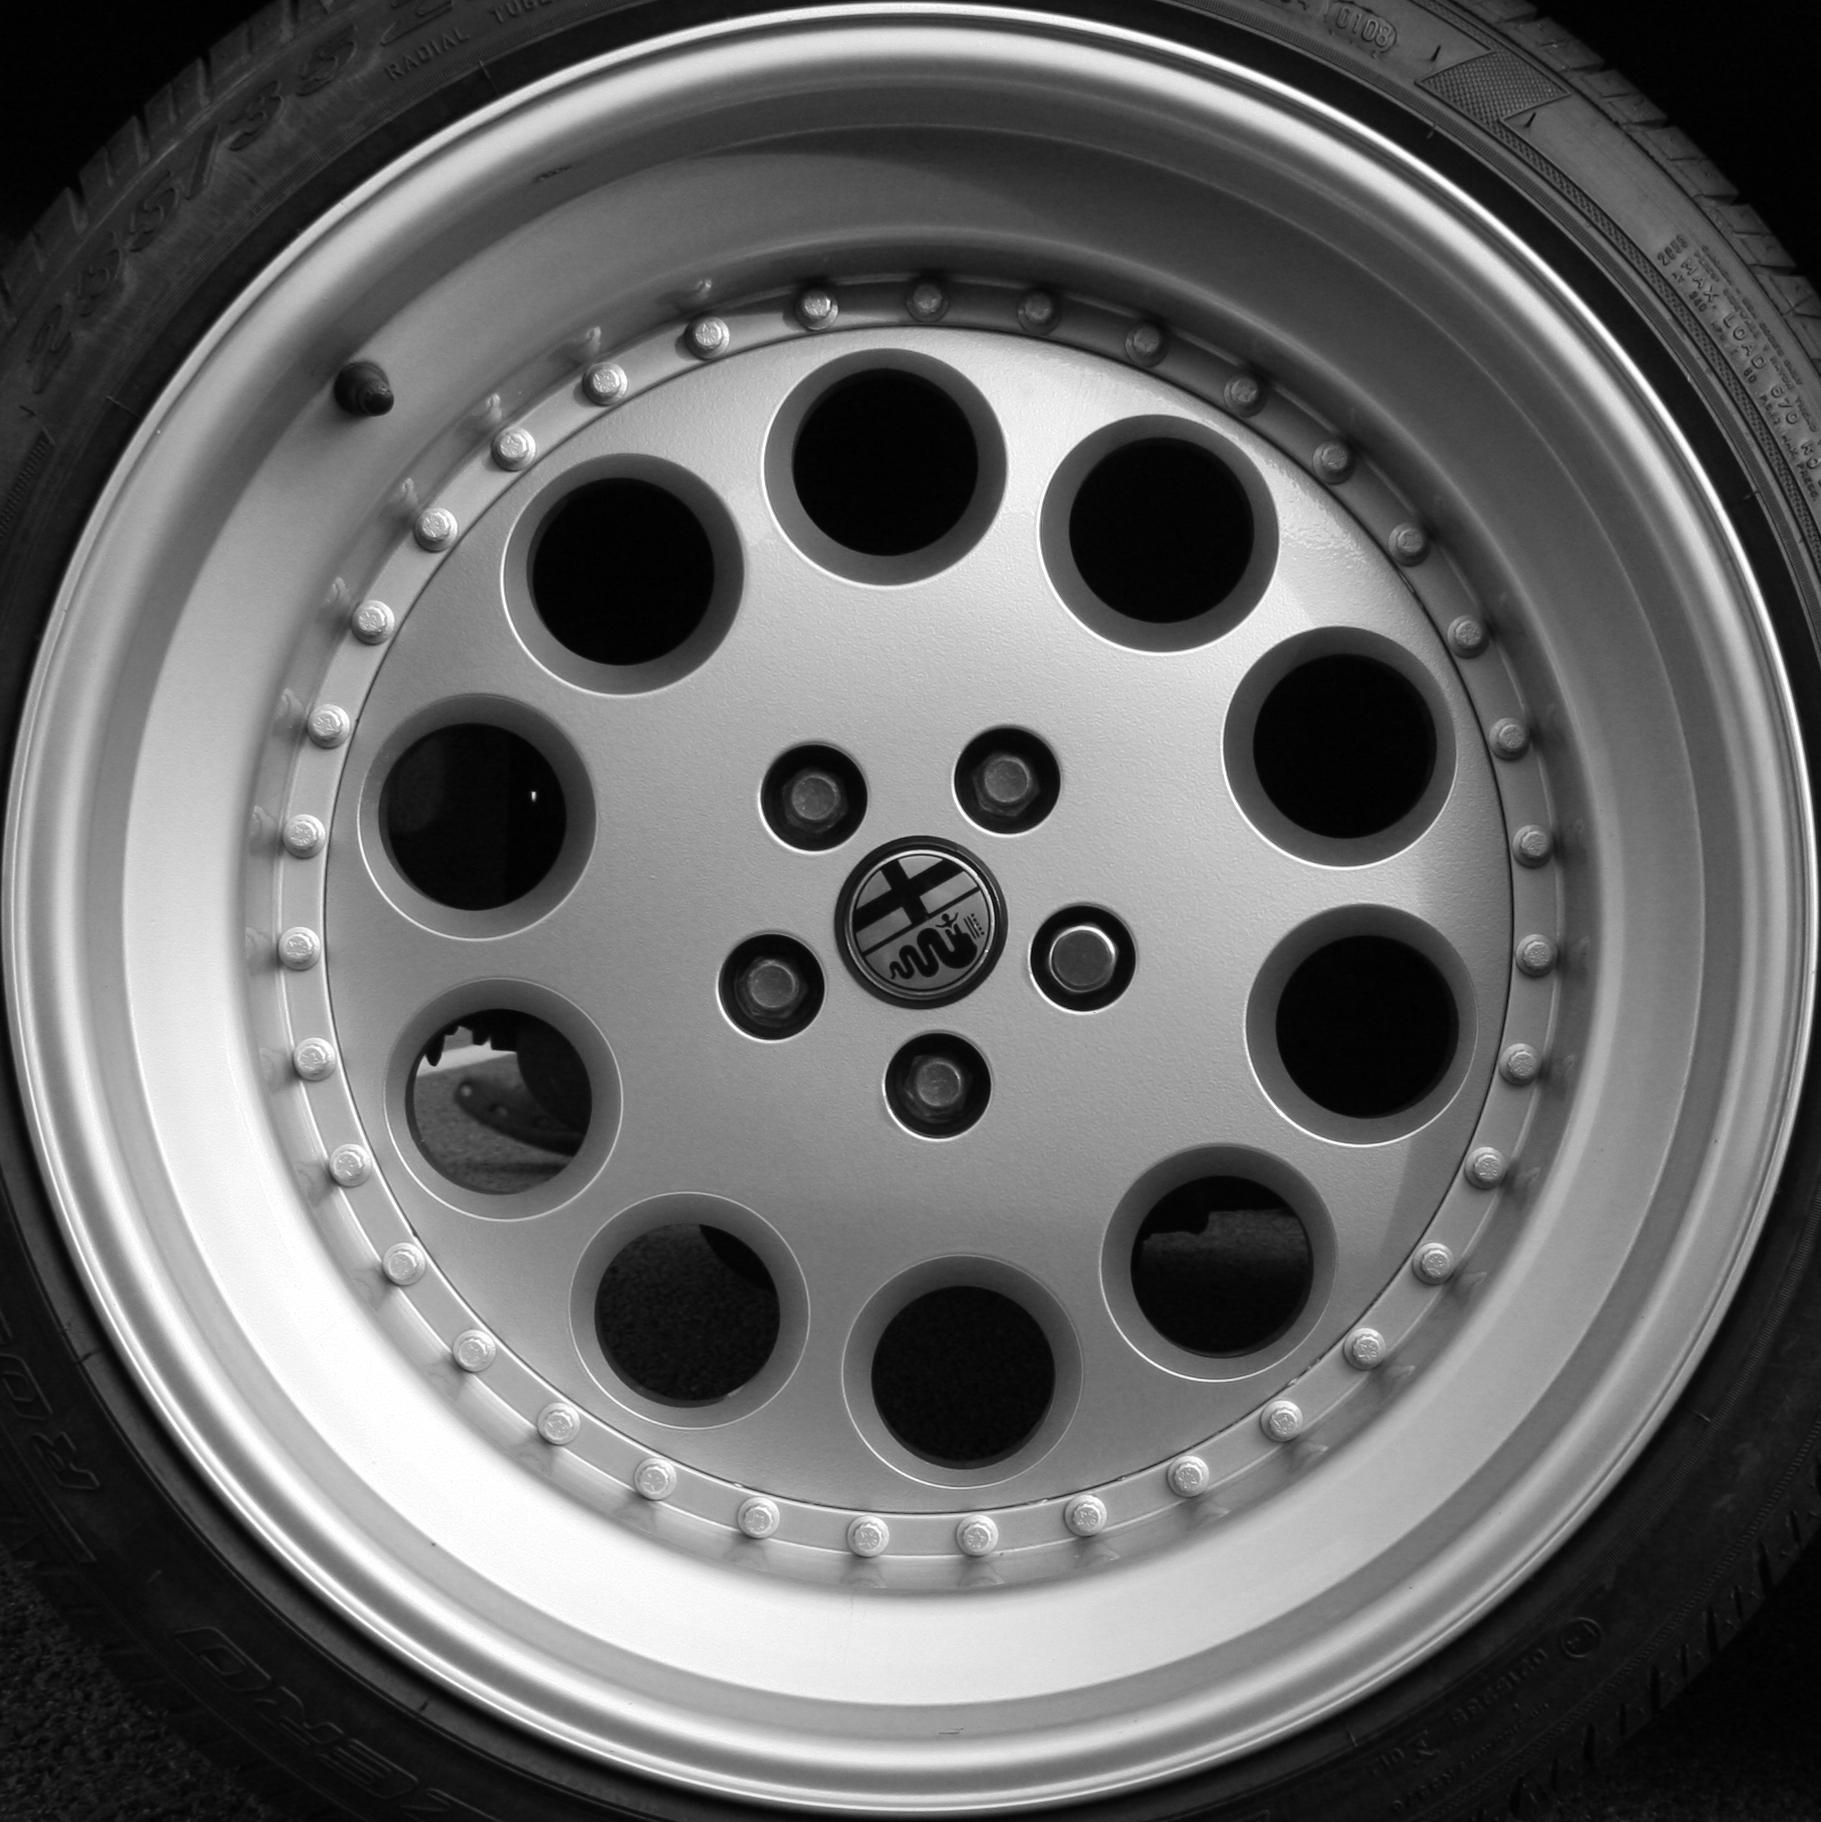 Filealfa Romeo Sz Il Mostro Wheel Wikimedia Commons Alfa Rims